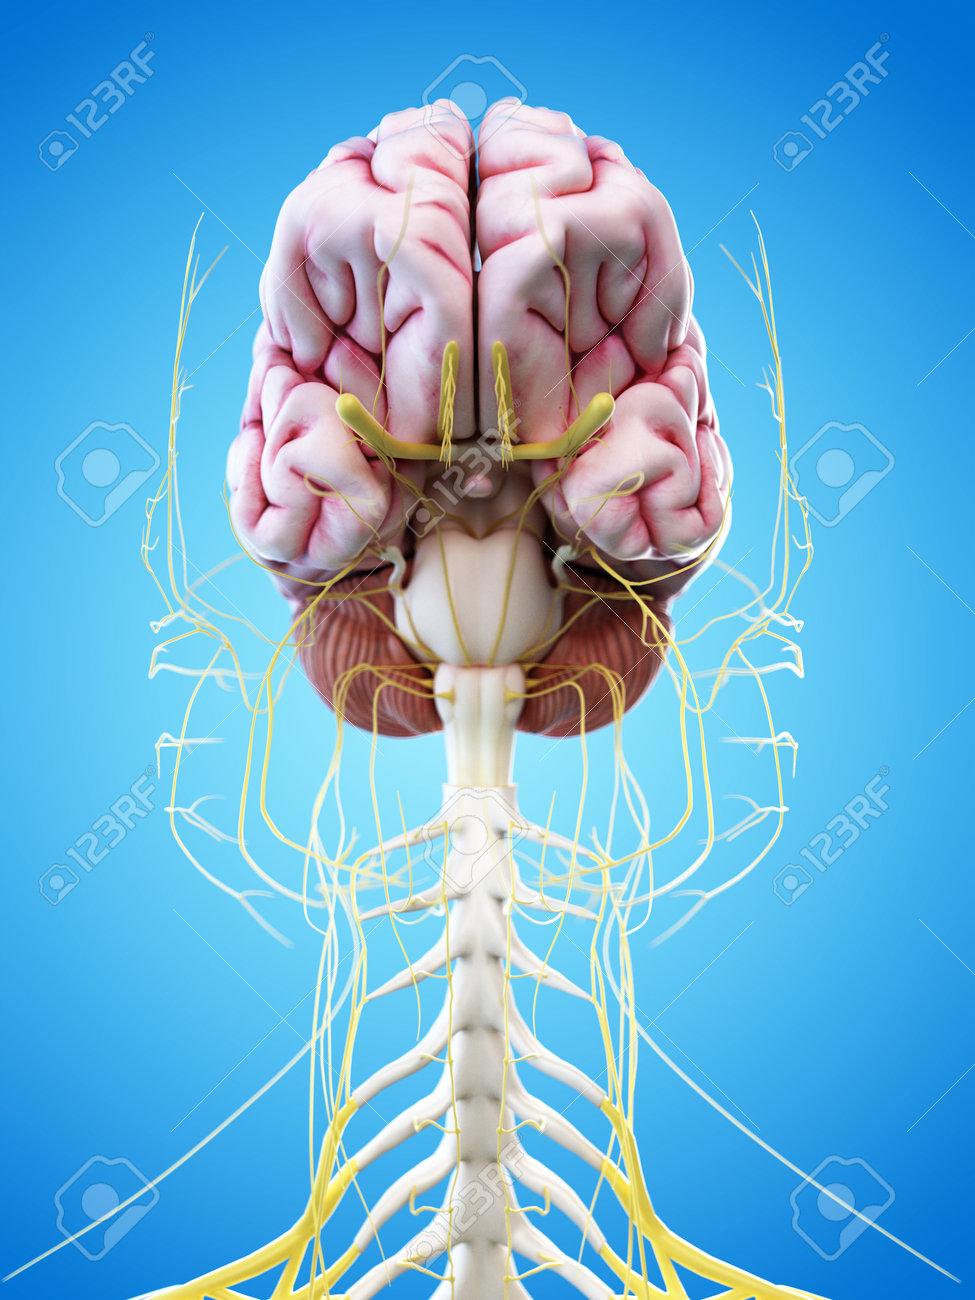 3d übertrug Abbildung Des Menschlichen Gehirns Und Kopfnerven ...